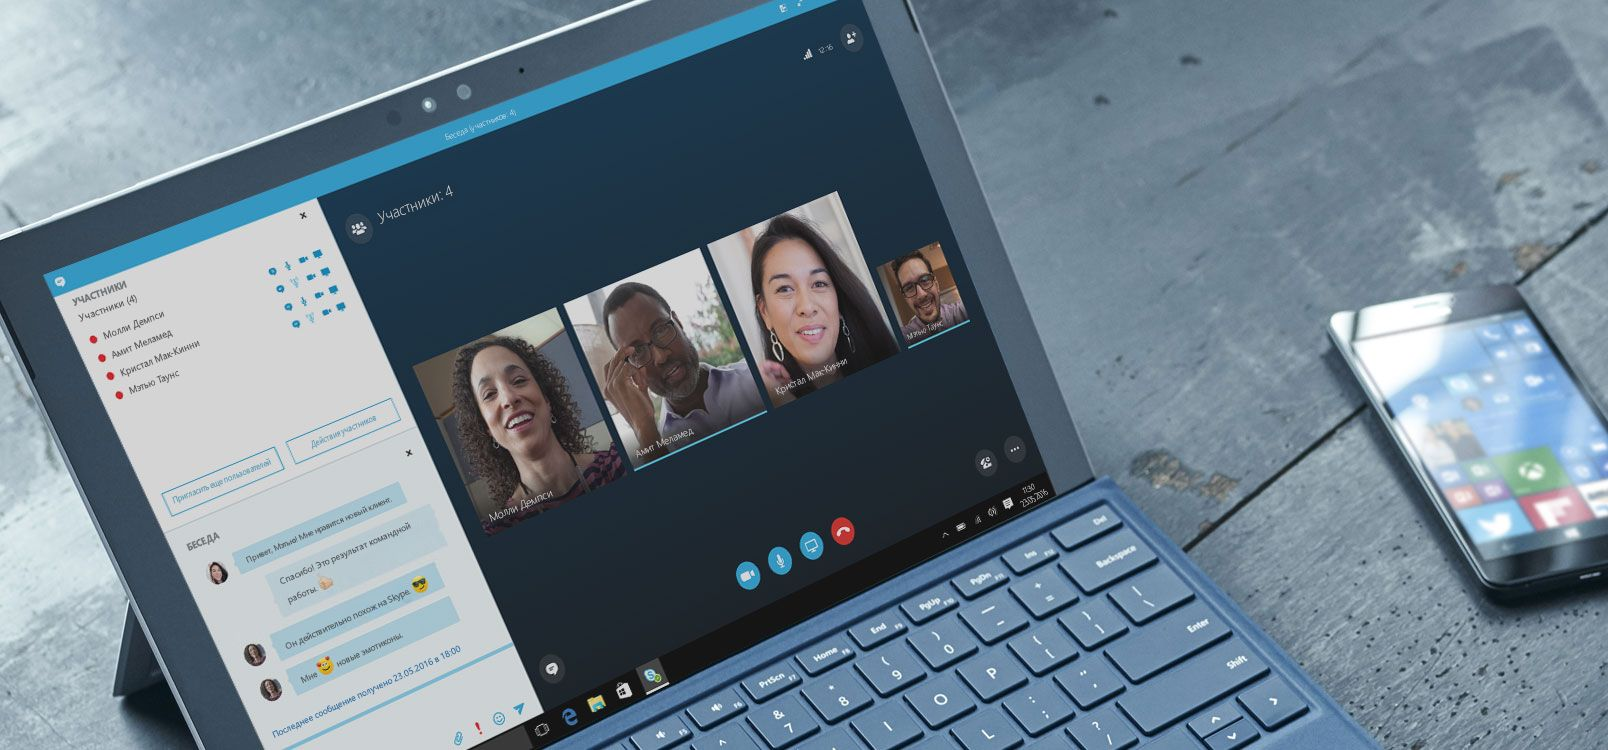 Женщина вместе с другими пользователями работает над документами в Office 365 на планшете и смартфоне.